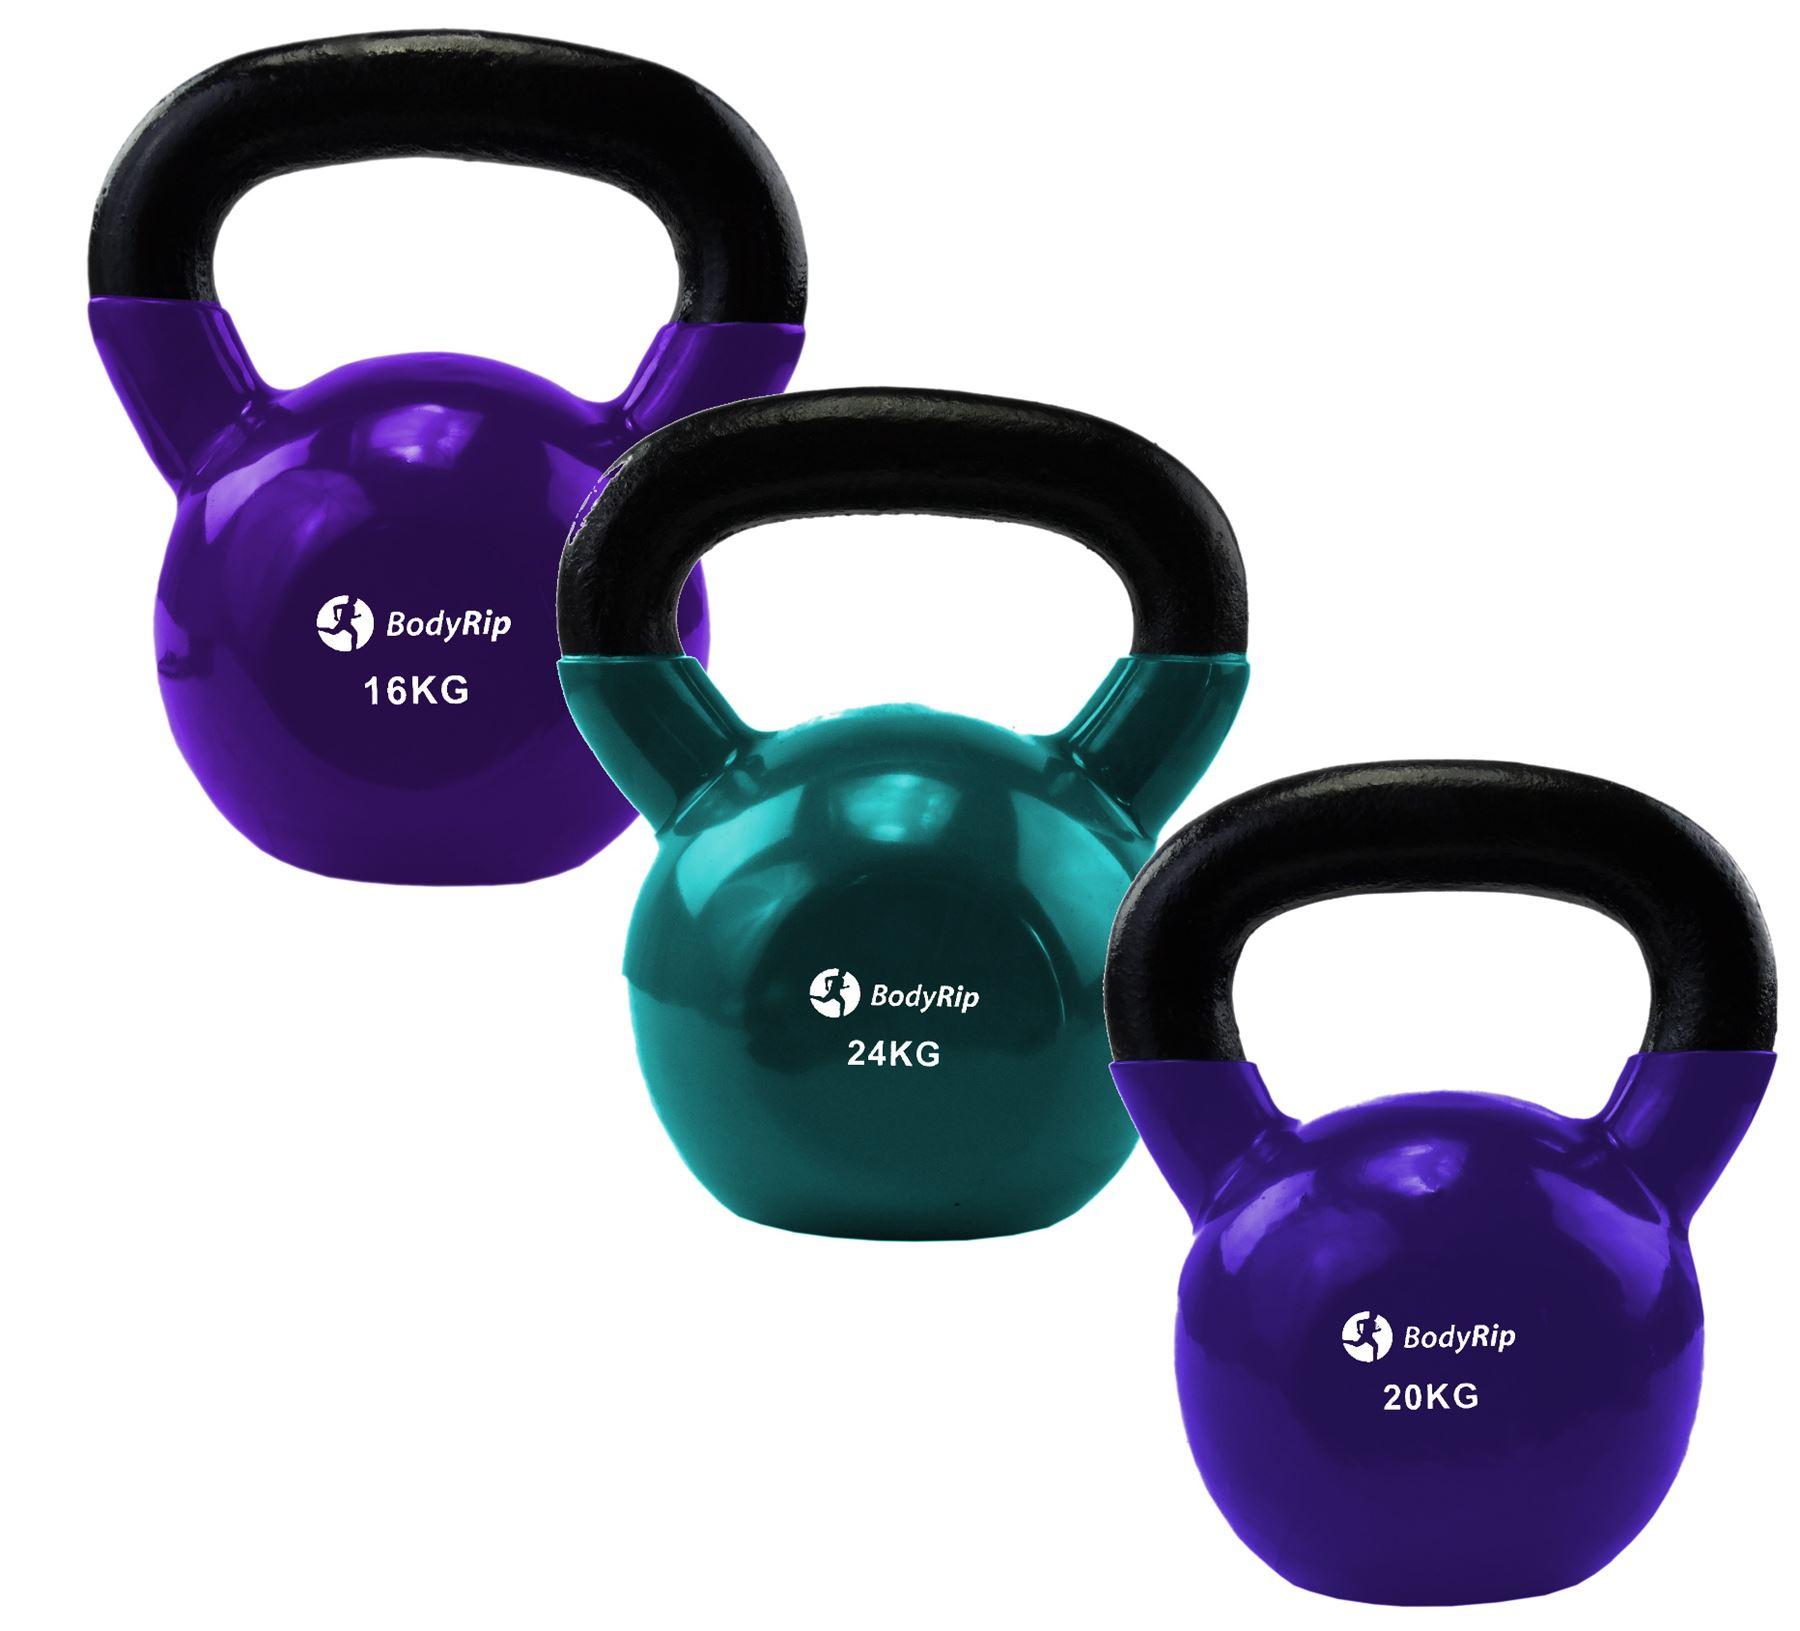 Kettlebell Kickboxingkettlebell: Cast Iron Kettlebell Weights Kettle Bell Workout Fitness